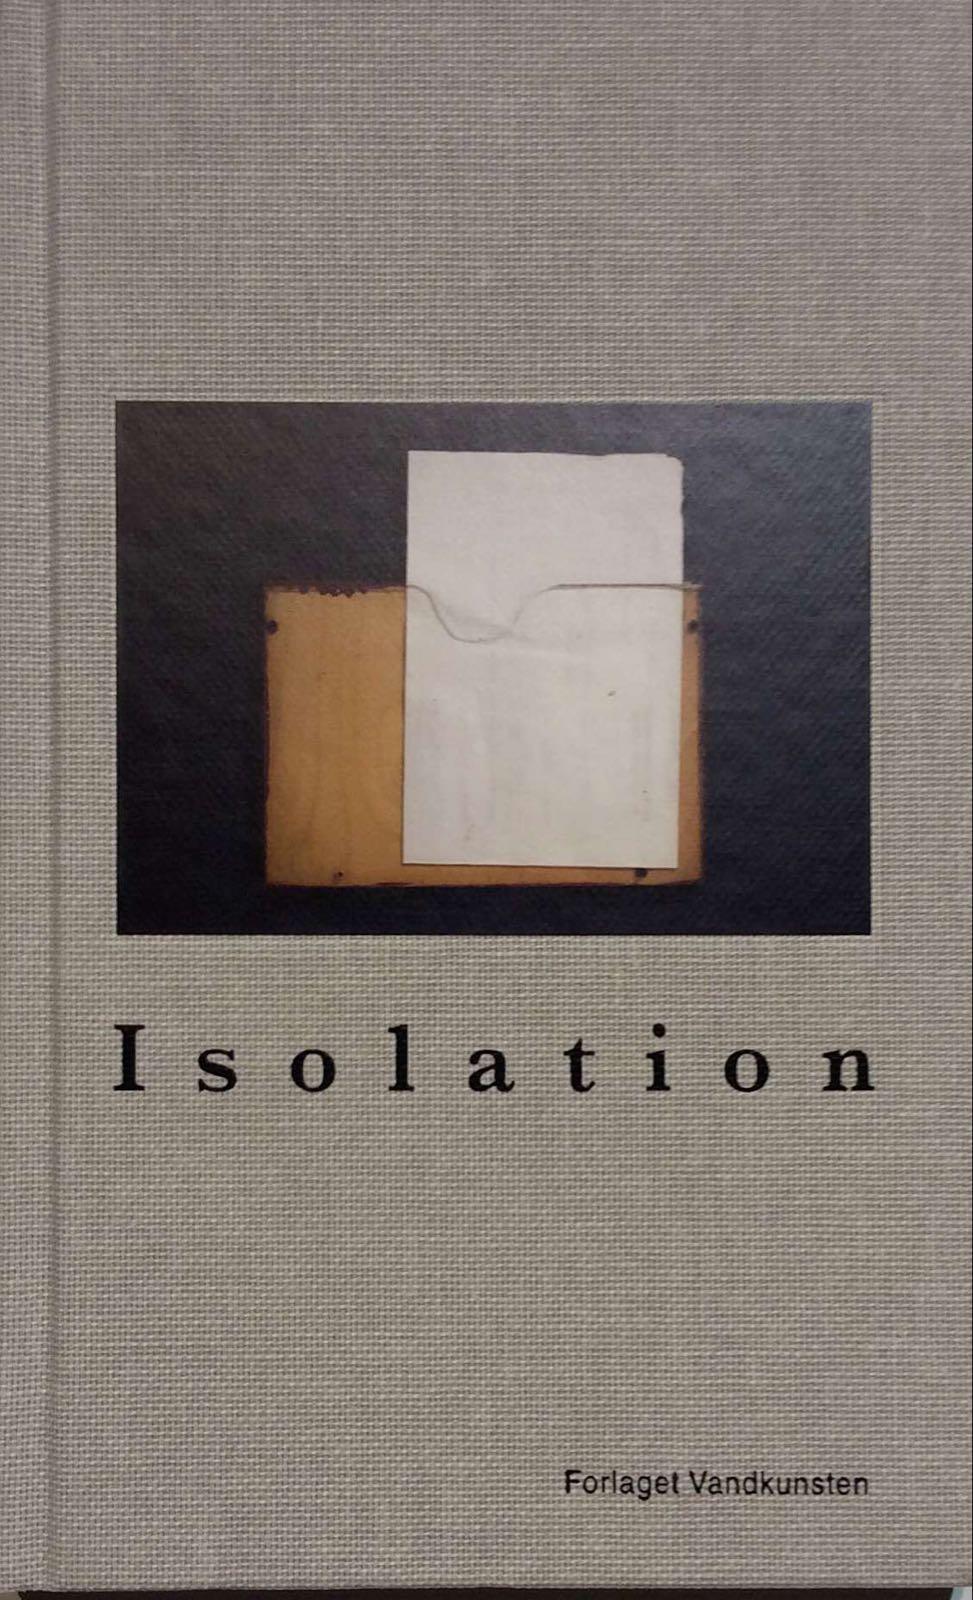 Enghoff, Tina. Isolation